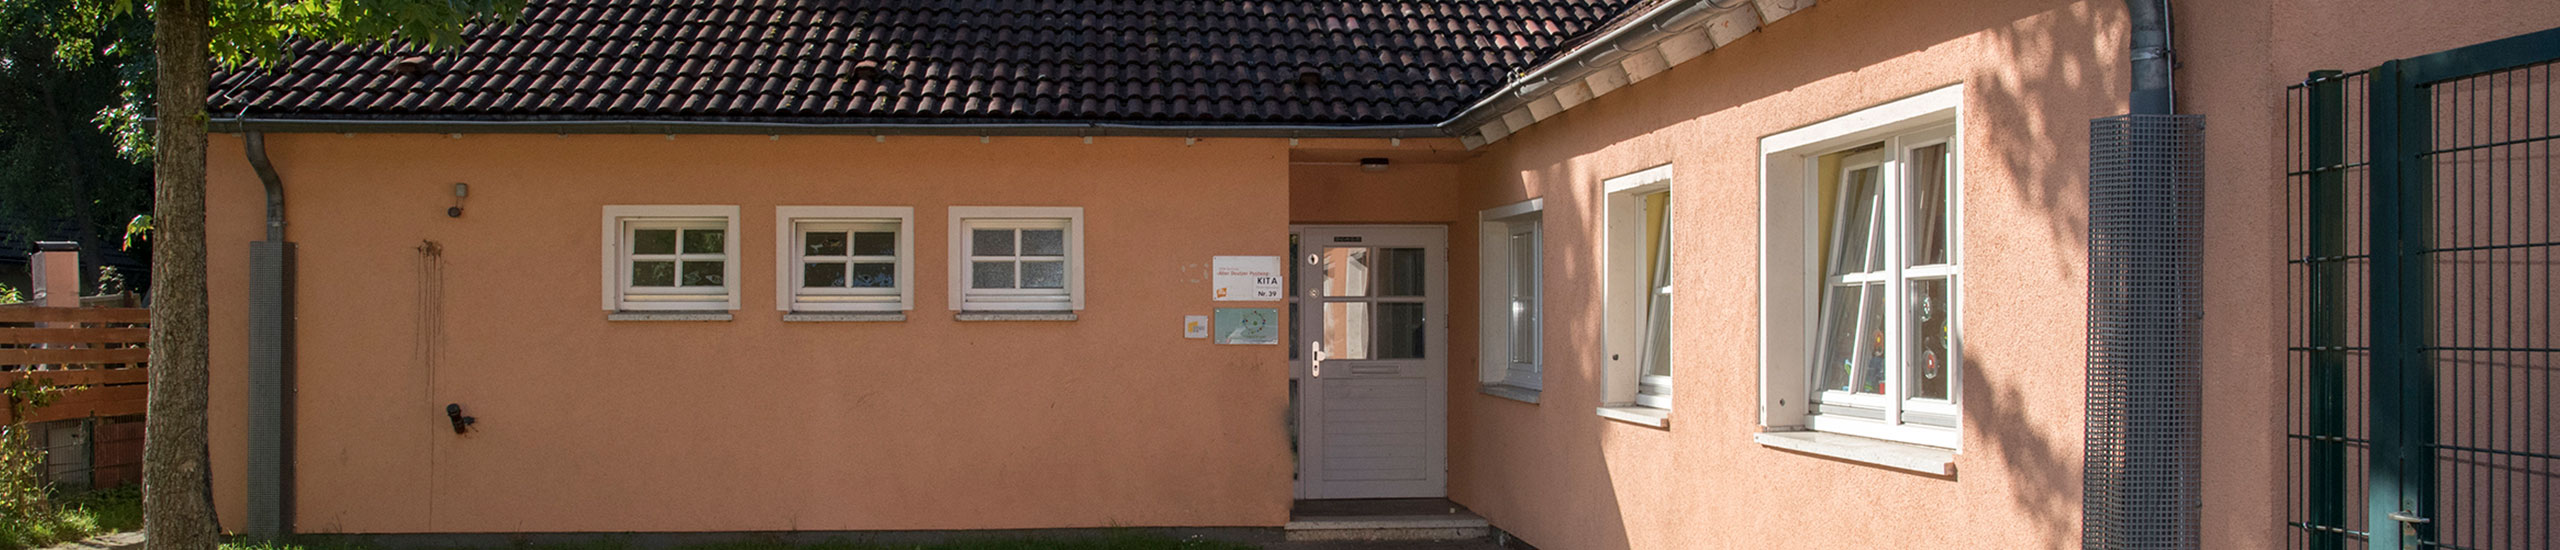 SKM-Familienzentrum Ostheim